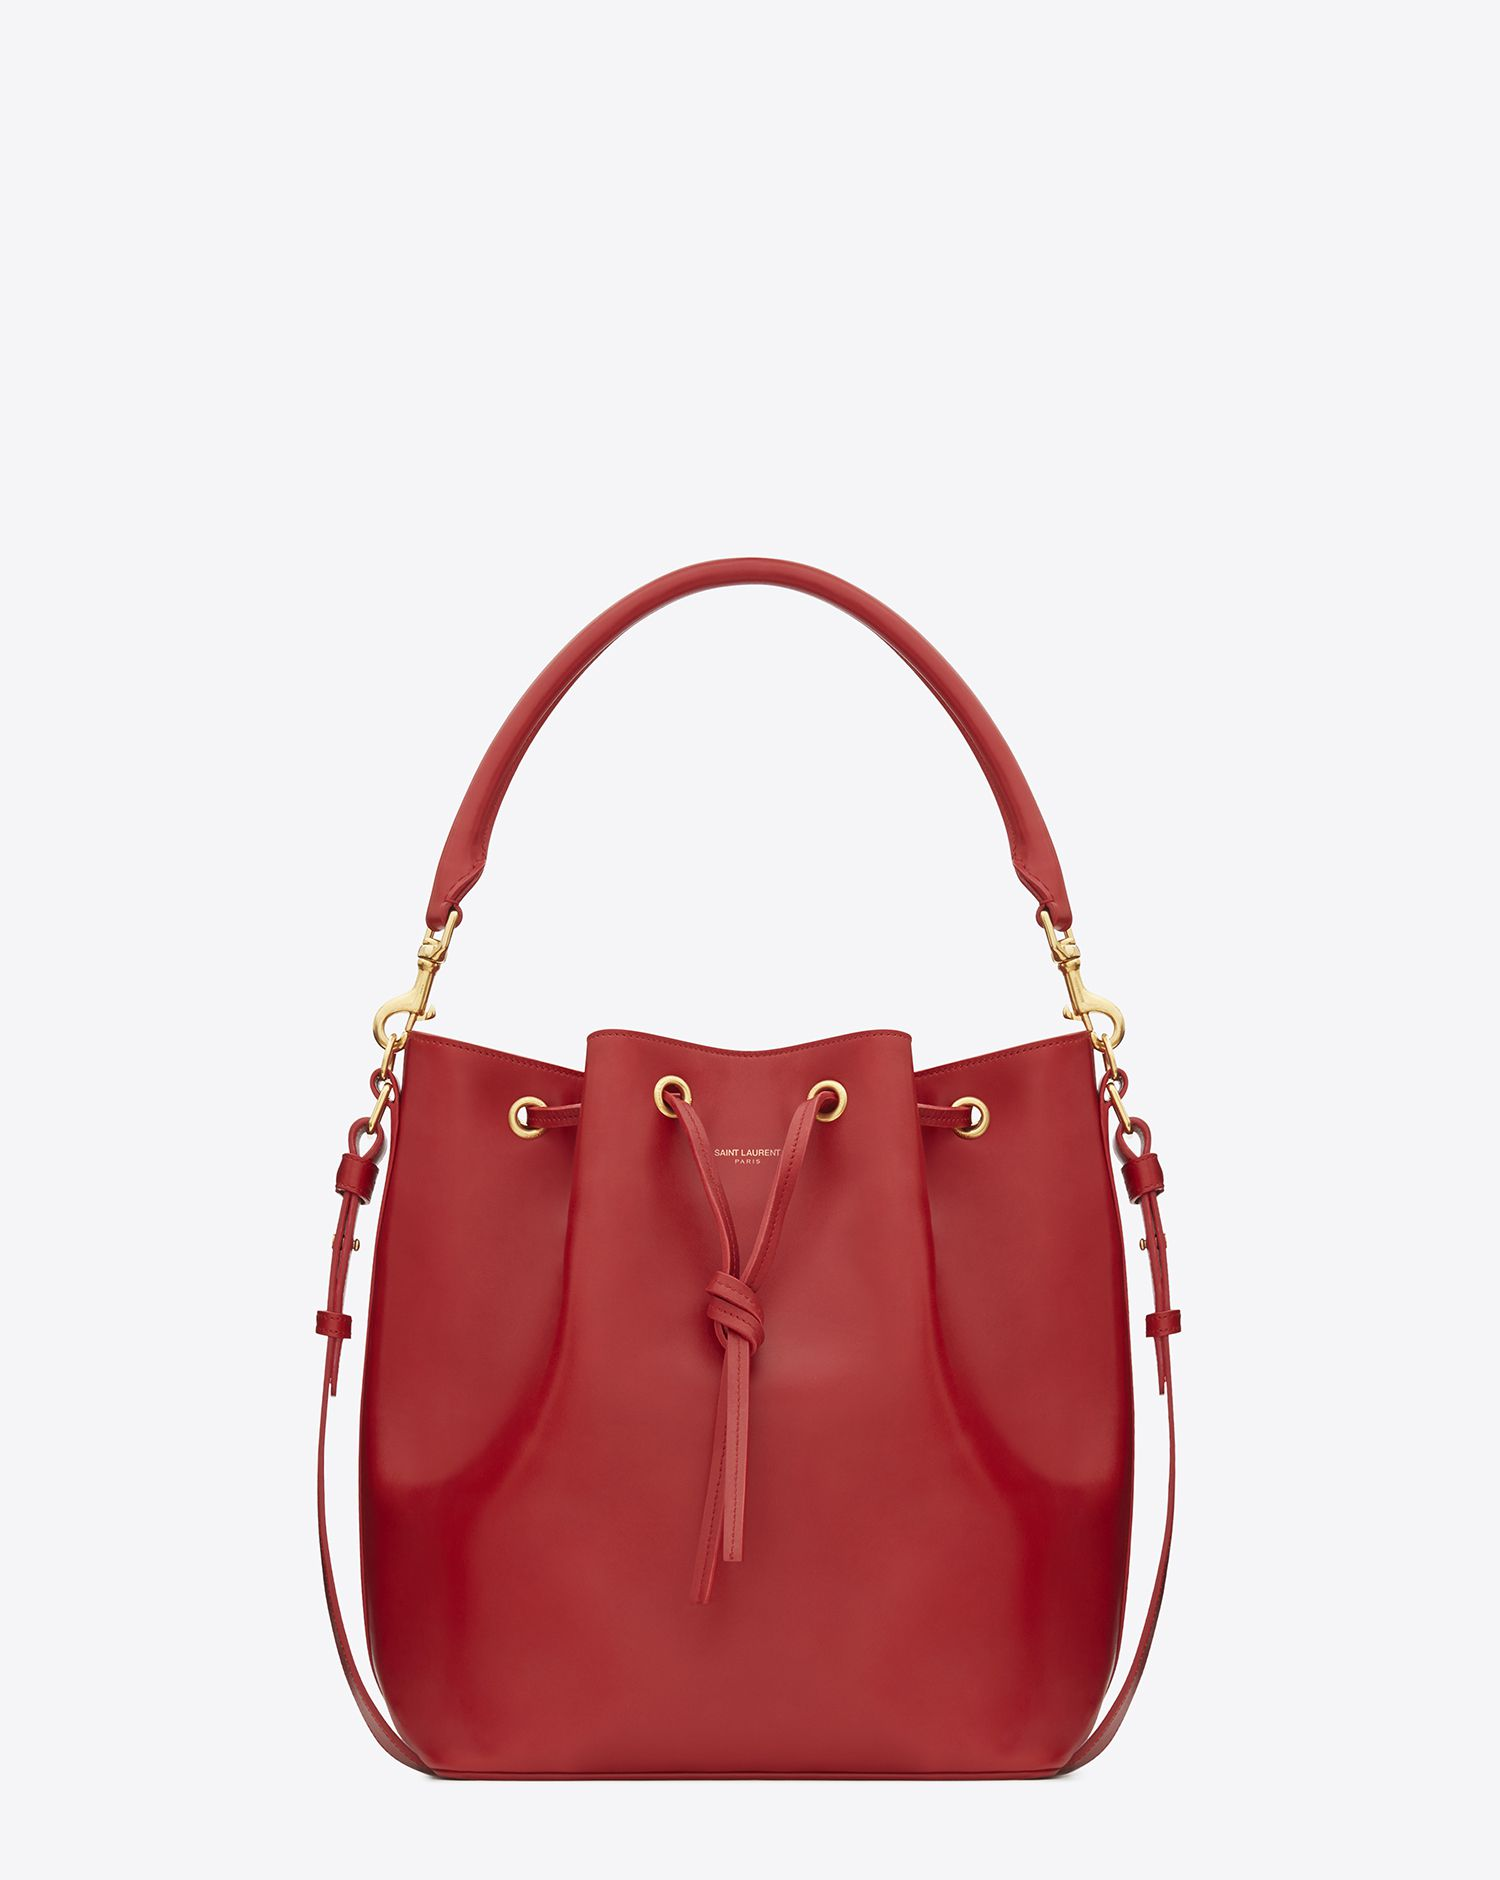 saint laurent emmanuelle bucket drawstring bag reference guide spotted fashion. Black Bedroom Furniture Sets. Home Design Ideas